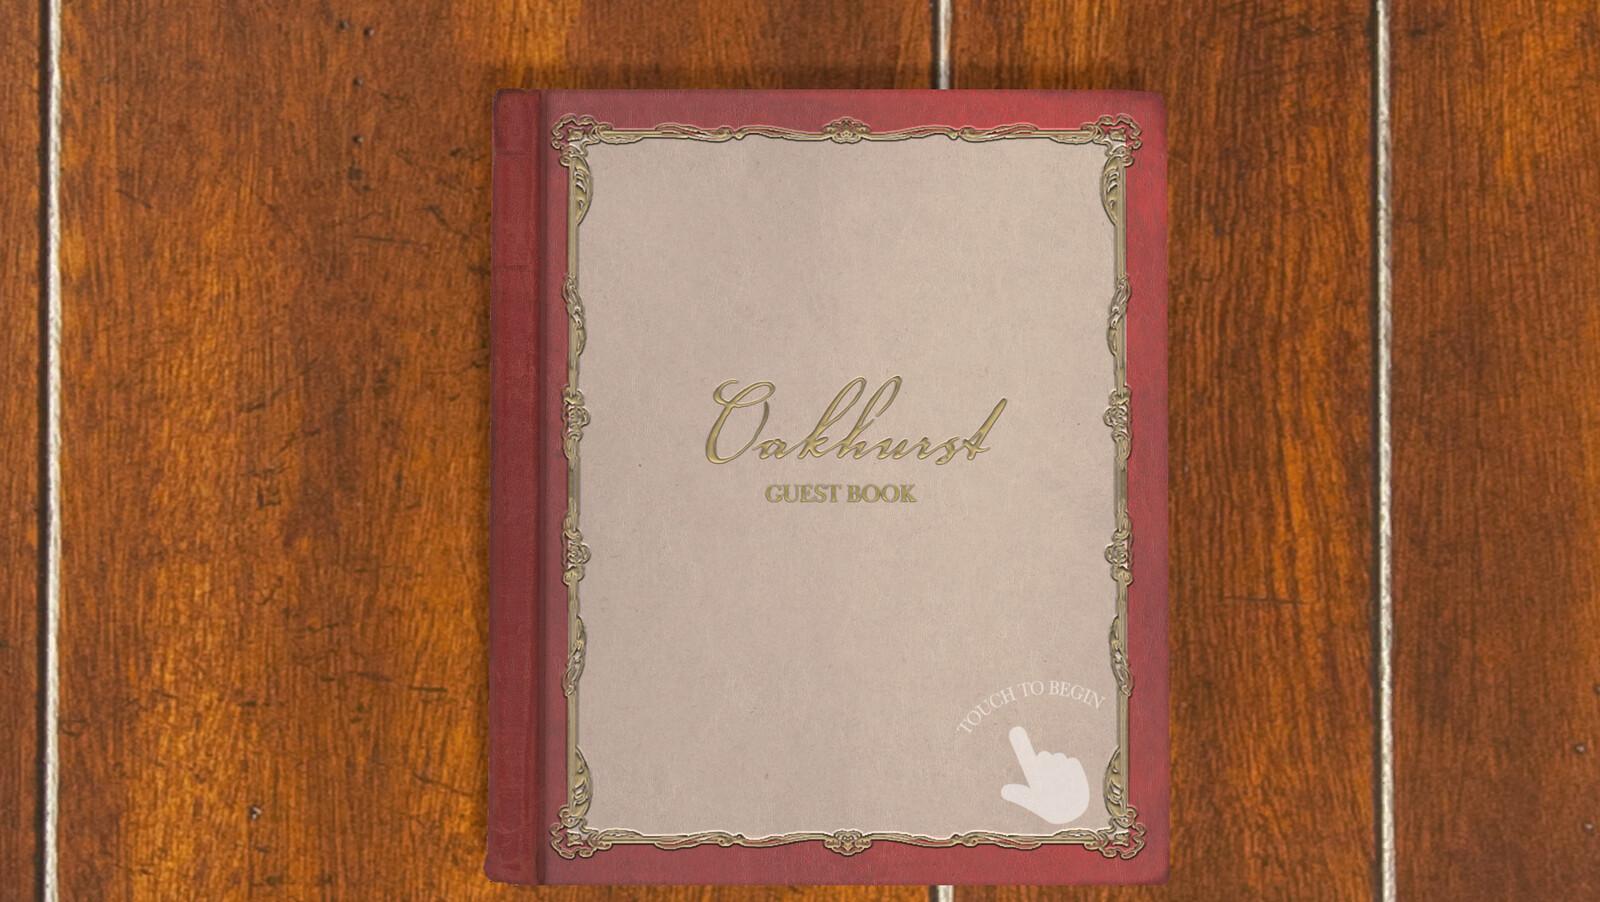 Minnetrista Guestbook